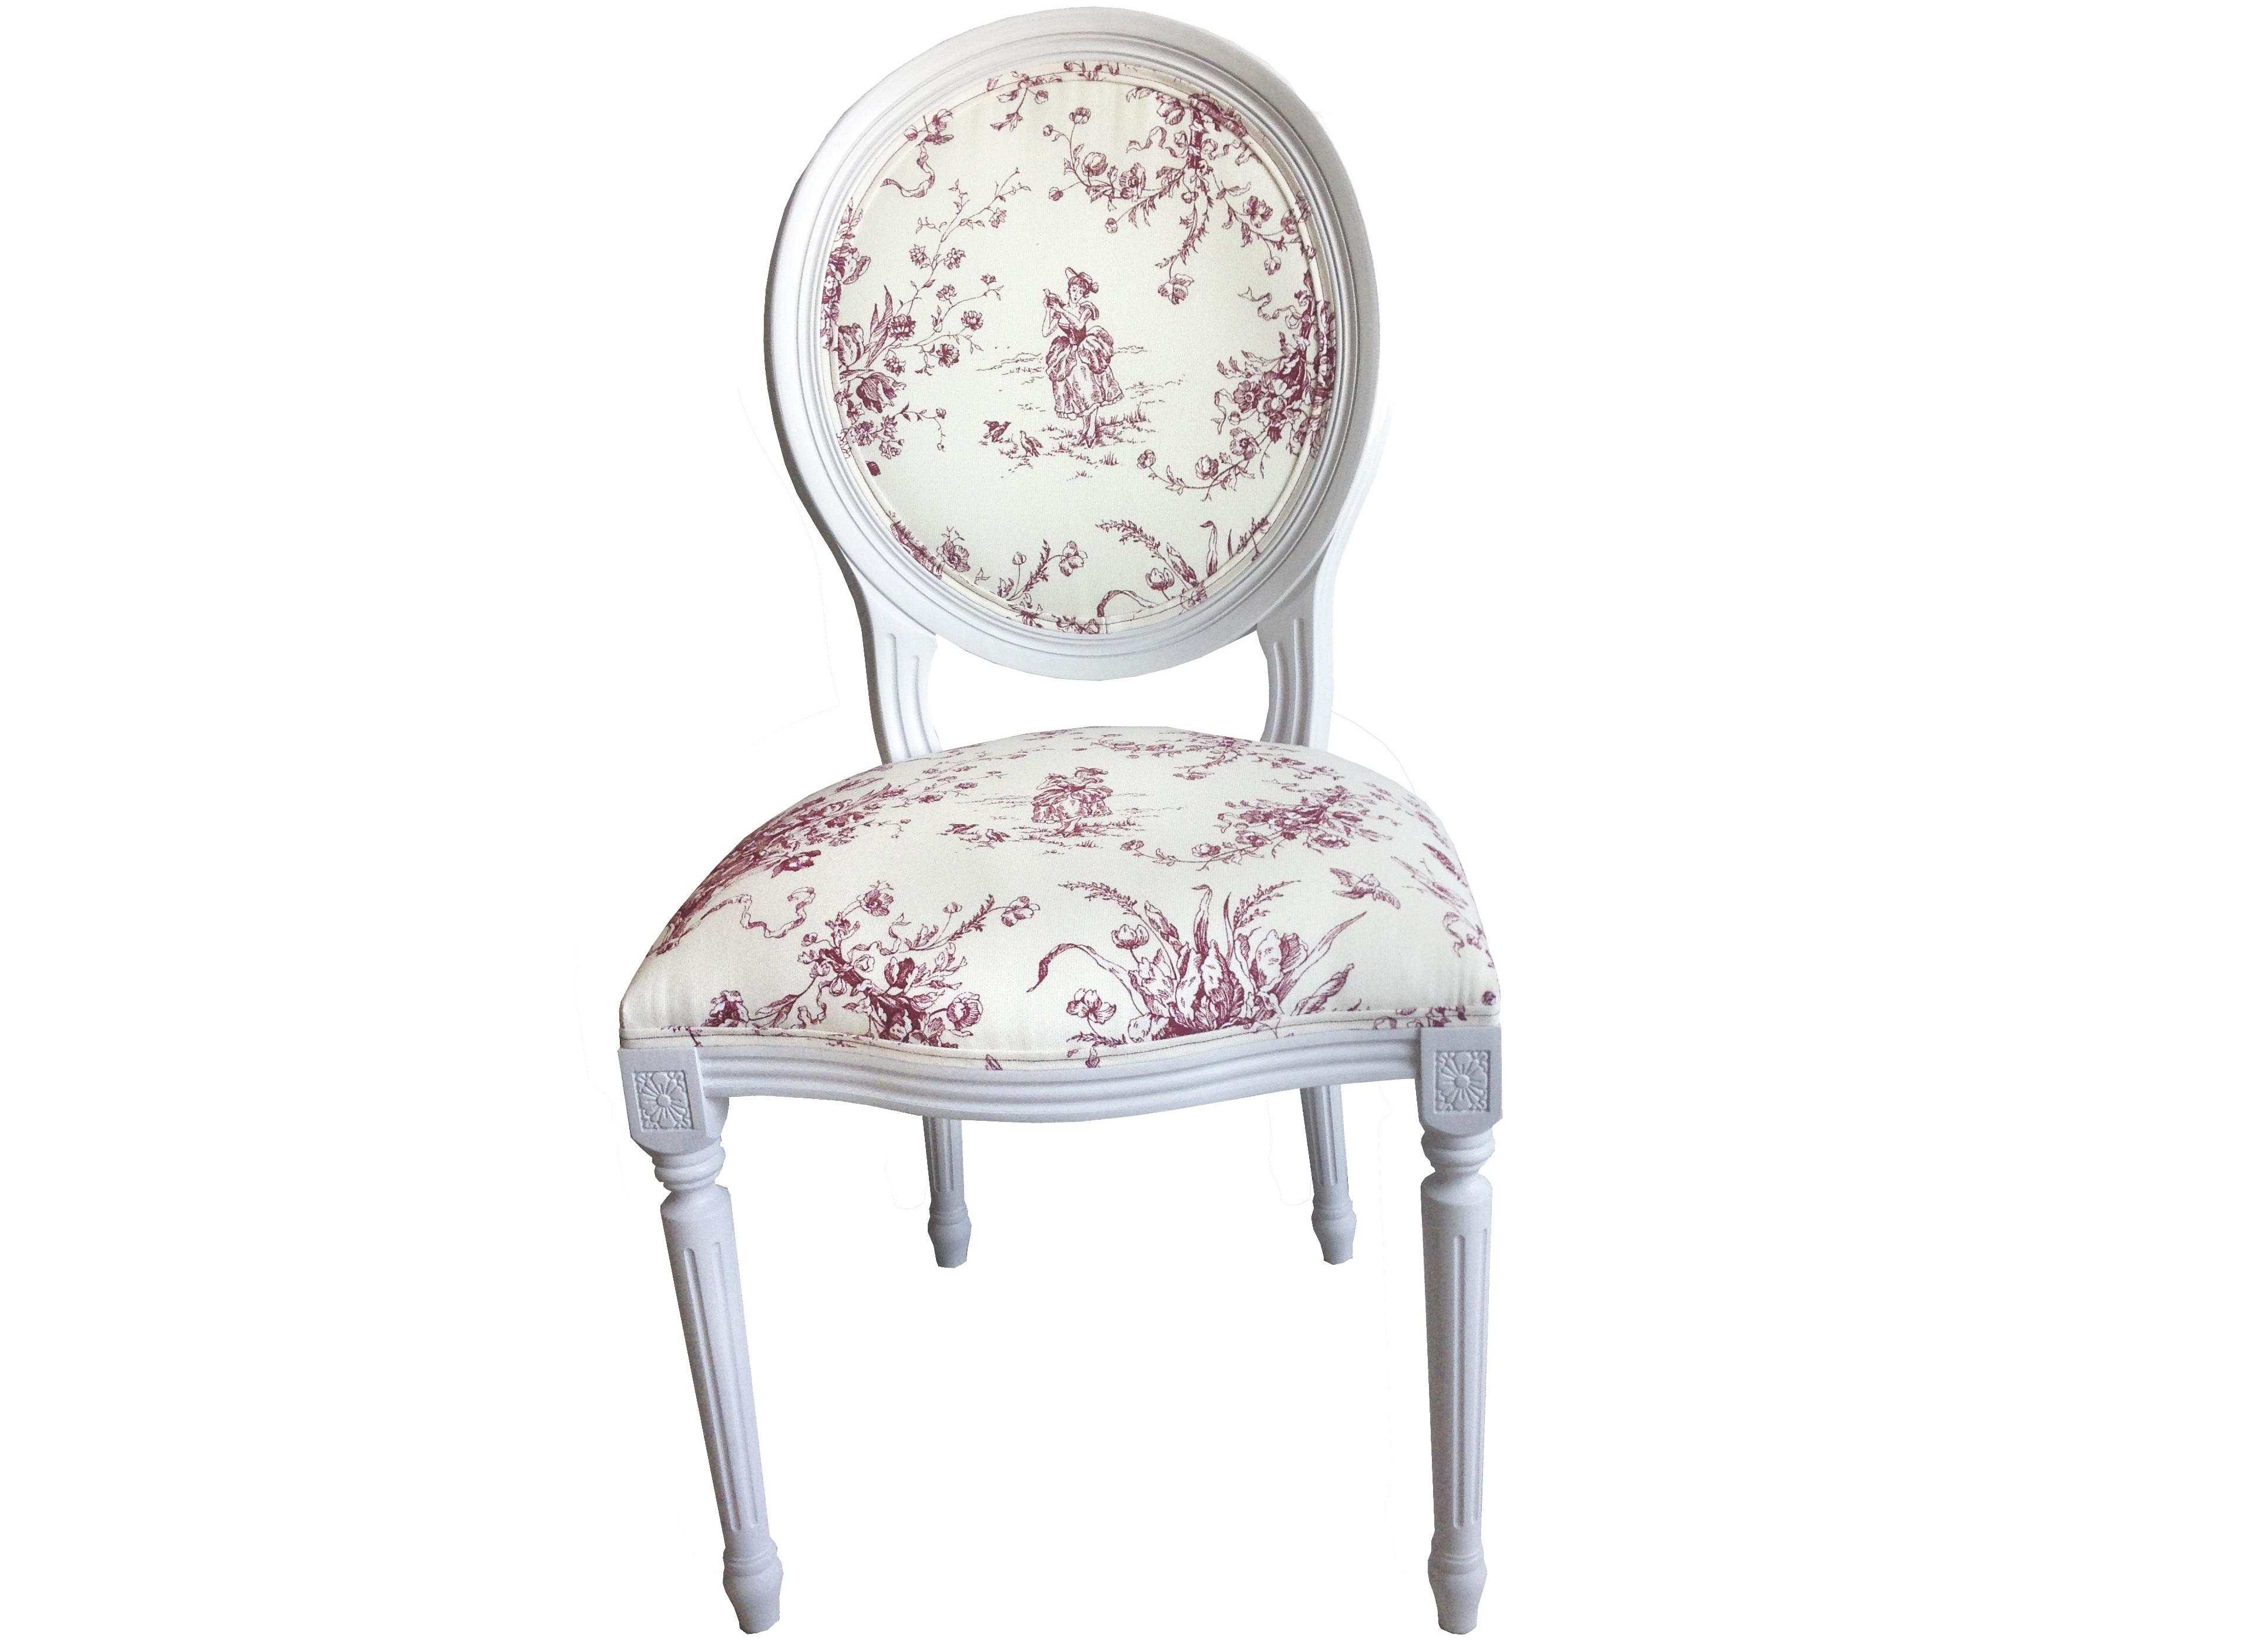 Стул Снежный ПровансОбеденные стулья<br>Белая мебель Прованс для гостиной, спальни, столовой, кабинета отлично впишется в Ваш загородный дом. Белая высококачественная мебель &amp;quot;Снежный Прованс&amp;quot; также может послужить в качестве обстановки детской комнаты подростка. Это функциональная удобная мебель европейского качества. Коллекция изготовлена из массива бука (каркасы и точеные элементы мебели) и из высококачественного МДФ (филенчатые части) и соответствует немецким стандартам для детской мебели.<br>Мебель &amp;quot;Снежный Прованс&amp;quot; имеет плавные изогнутые формы и украшена потертым вручную декором в виде оливковой ветви. Белый с потертостями, выполненными вручную.&amp;lt;div&amp;gt;&amp;lt;br&amp;gt;&amp;lt;/div&amp;gt;&amp;lt;div&amp;gt;Стул Снежный Прованс с мягким сидением имеет изящные формы. Спинка стула с мягкой обивкой  имеет красивую форму медальона. Искусственно состаренное натуральное дерево придает стулу шарма французского Прованса.&amp;lt;/div&amp;gt;<br><br>Material: Текстиль<br>Ширина см: 50.0<br>Высота см: 96.0<br>Глубина см: 50.0